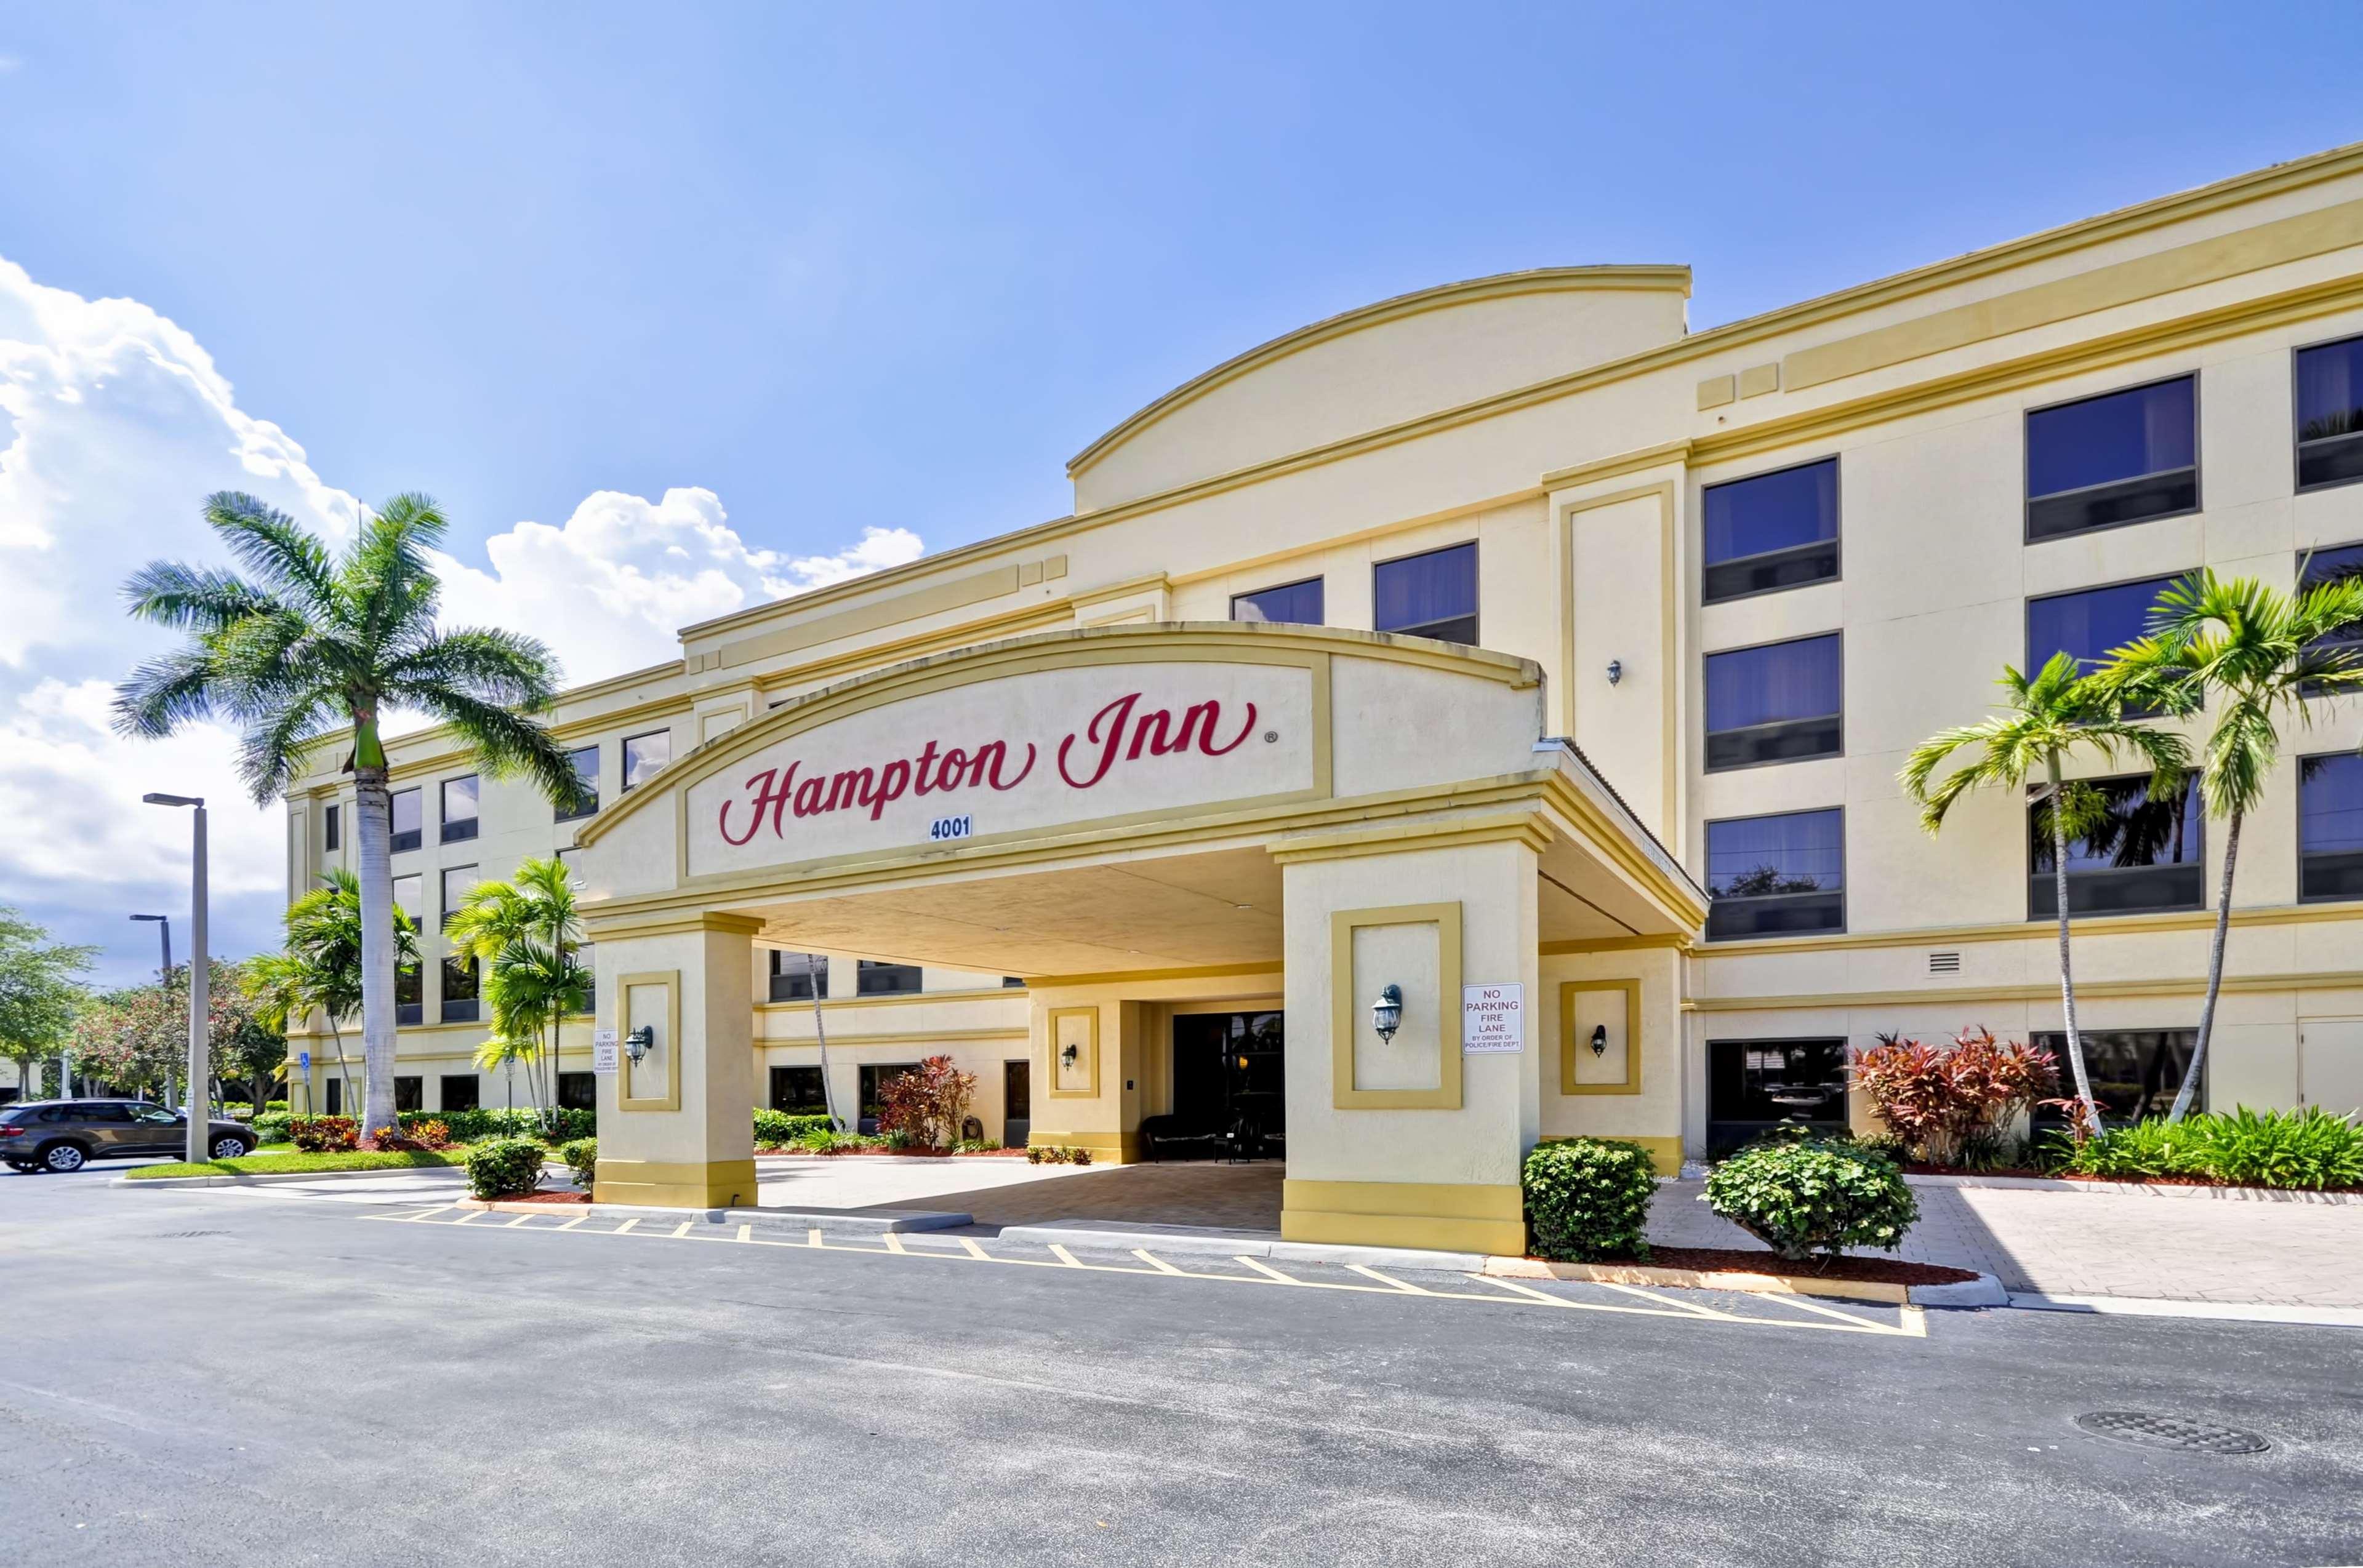 Hampton Inn Palm Beach Gardens 4001 Rca Blvd Palm Beach